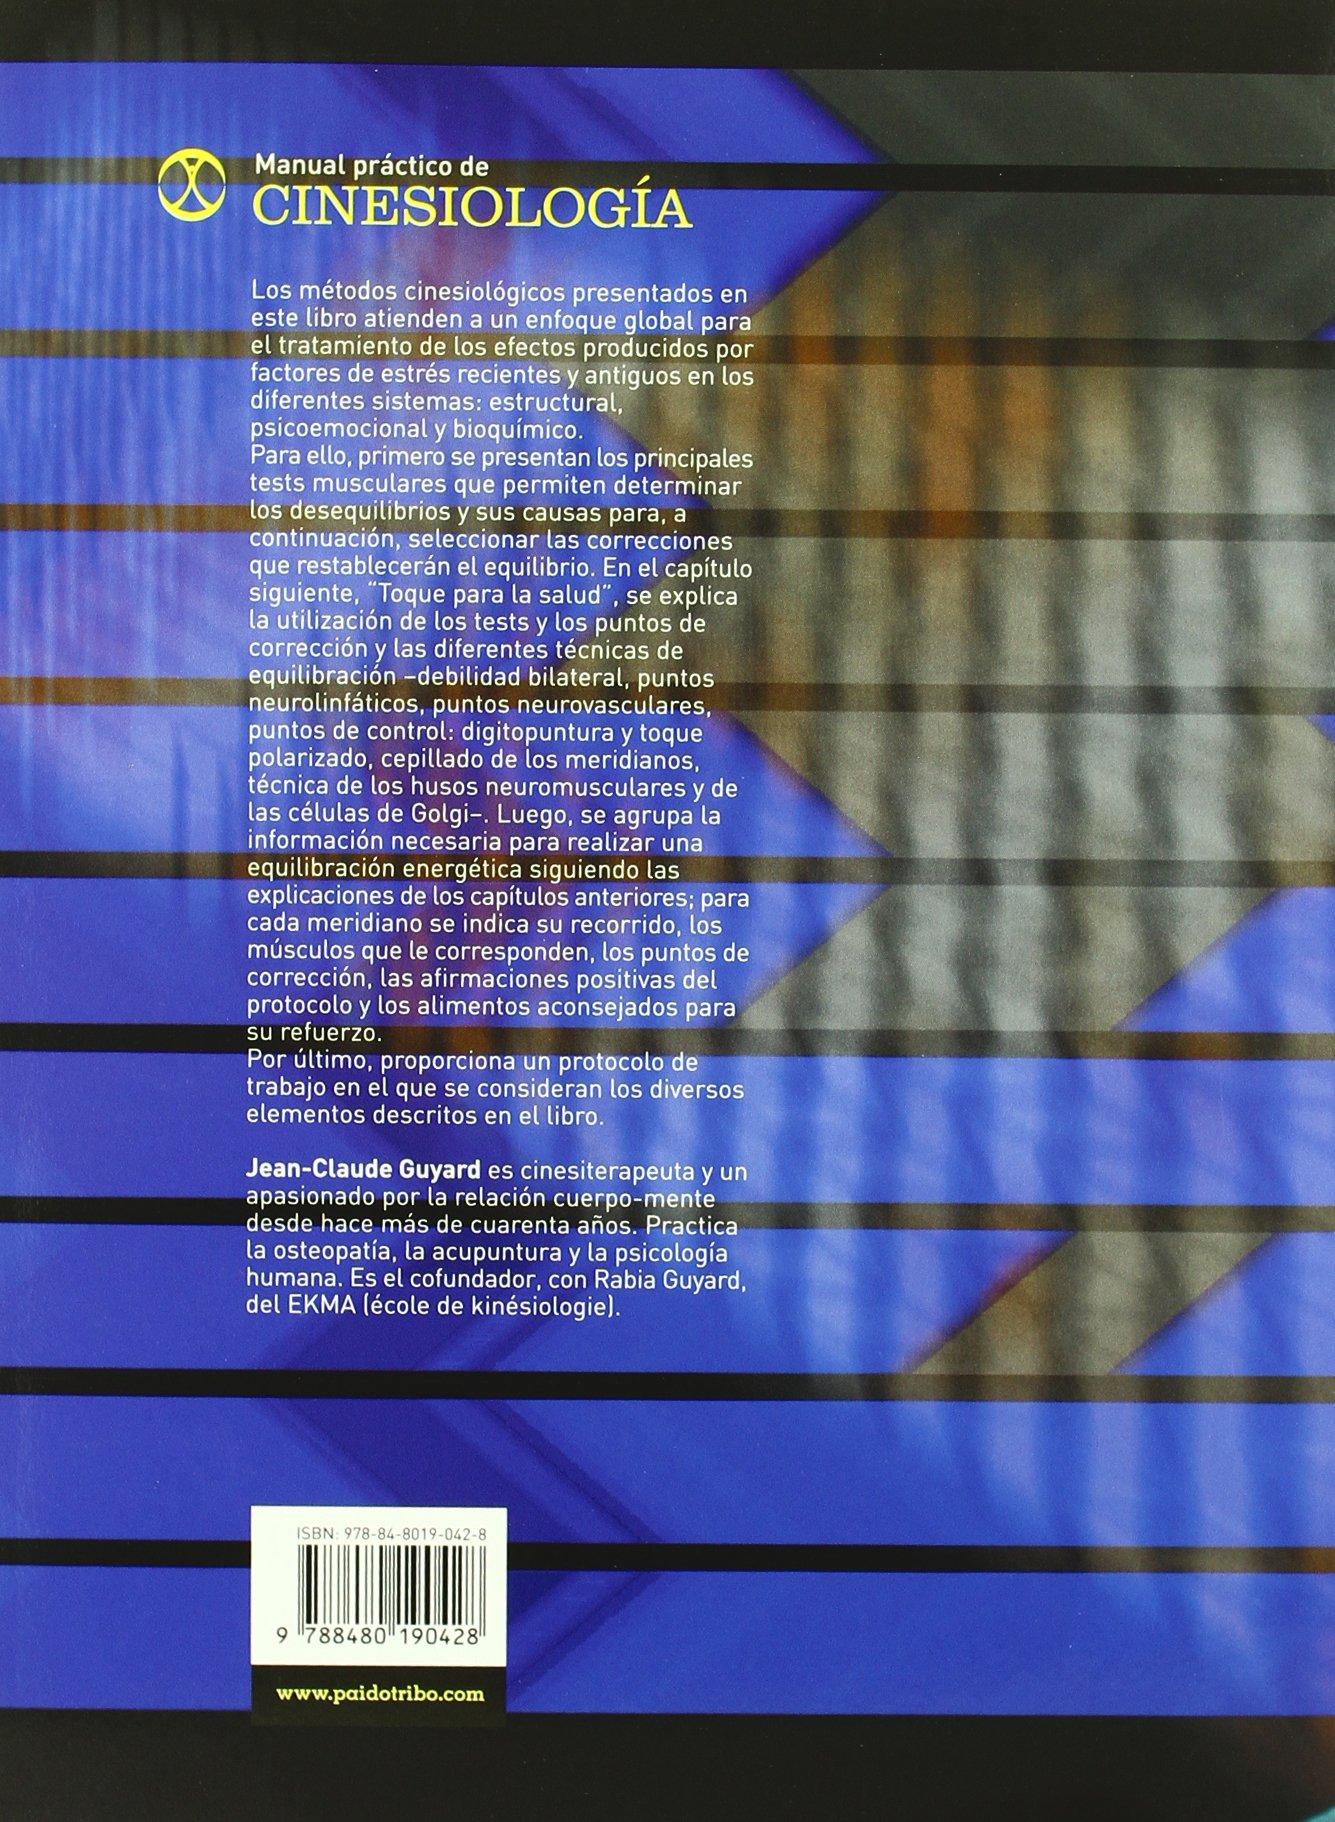 MANUAL PRÁCTICO DE CINESIOLOGÍA (Bicolor) (Spanish Edition ...